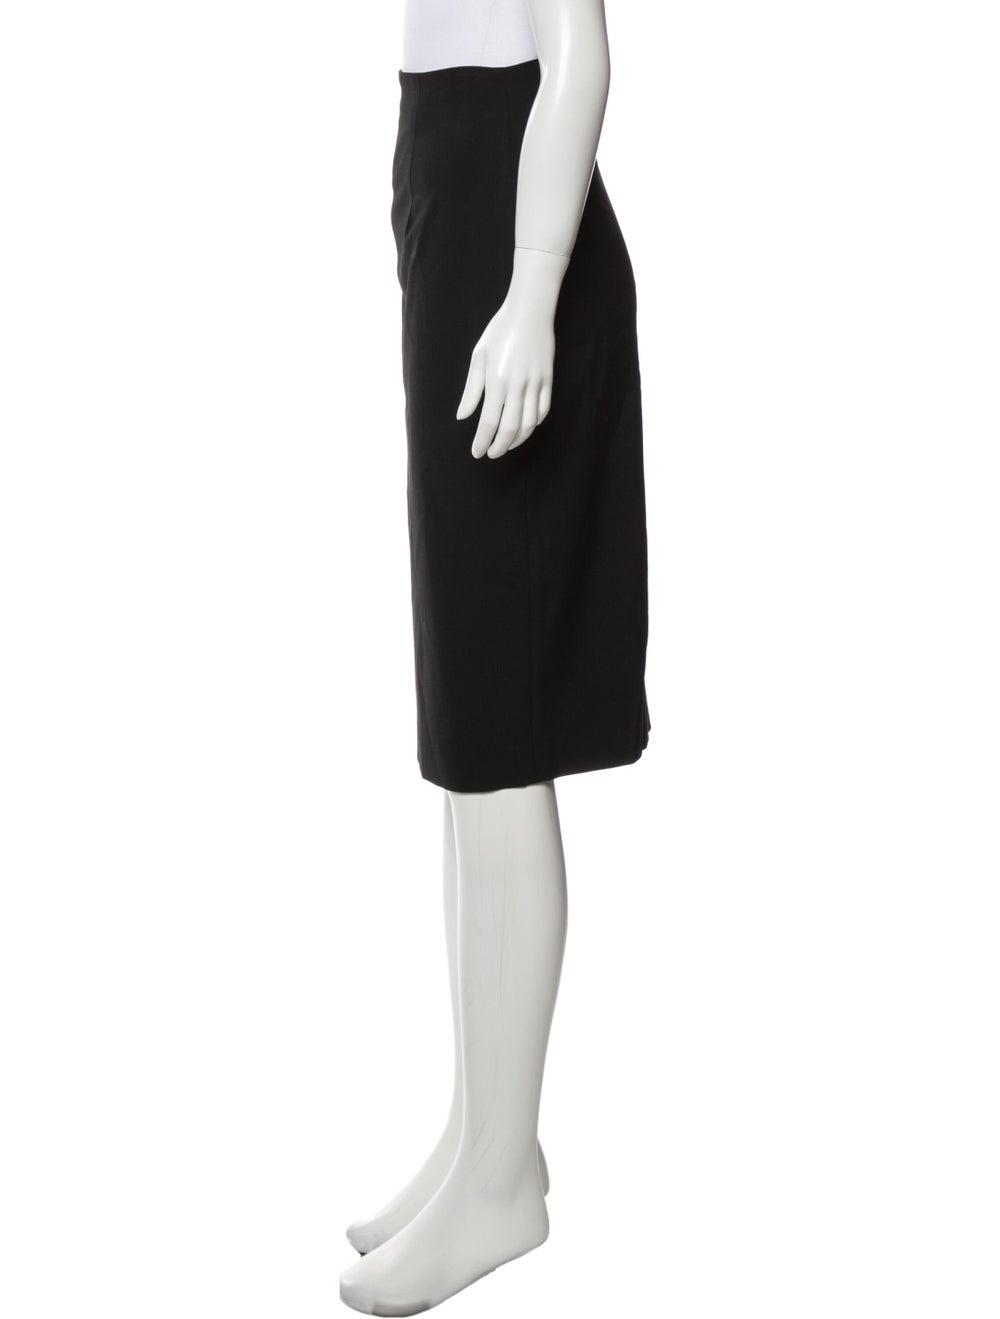 Plein Sud Knee-Length Skirt Black - image 2